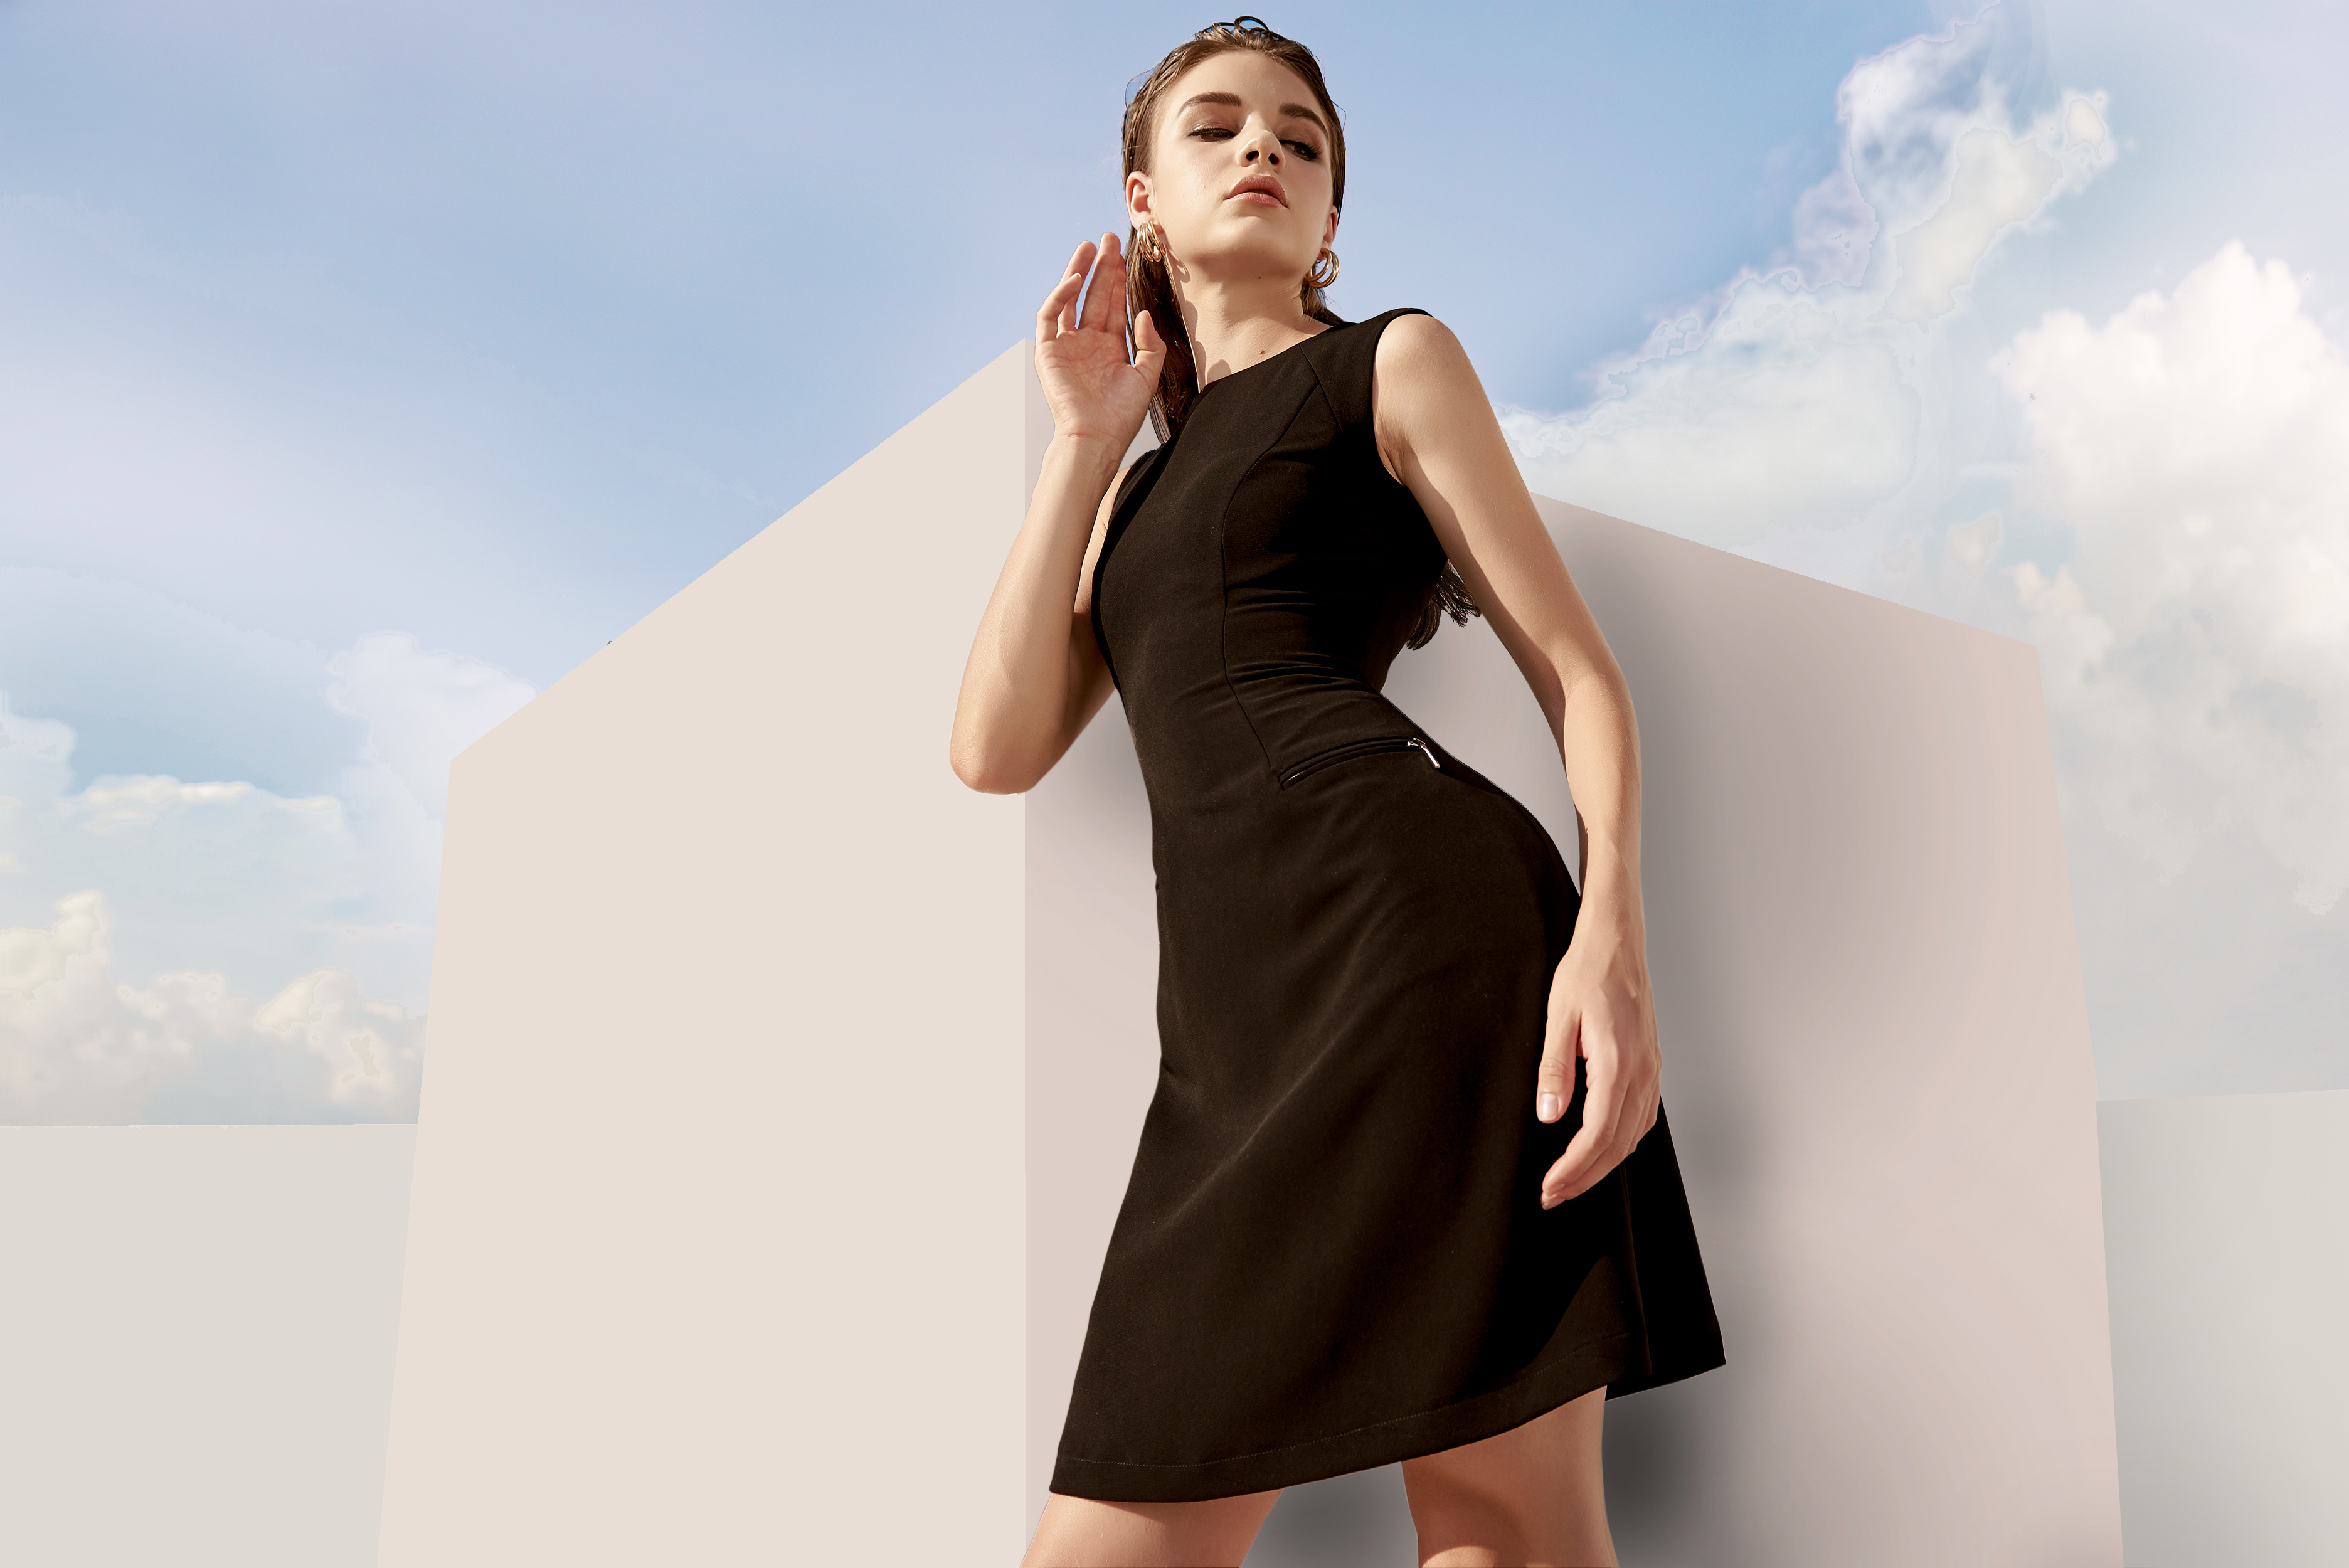 V817 - Váy đầm ôm A dáng ngắn thiết kế khóa túi - Đen, Pink coral - Bely